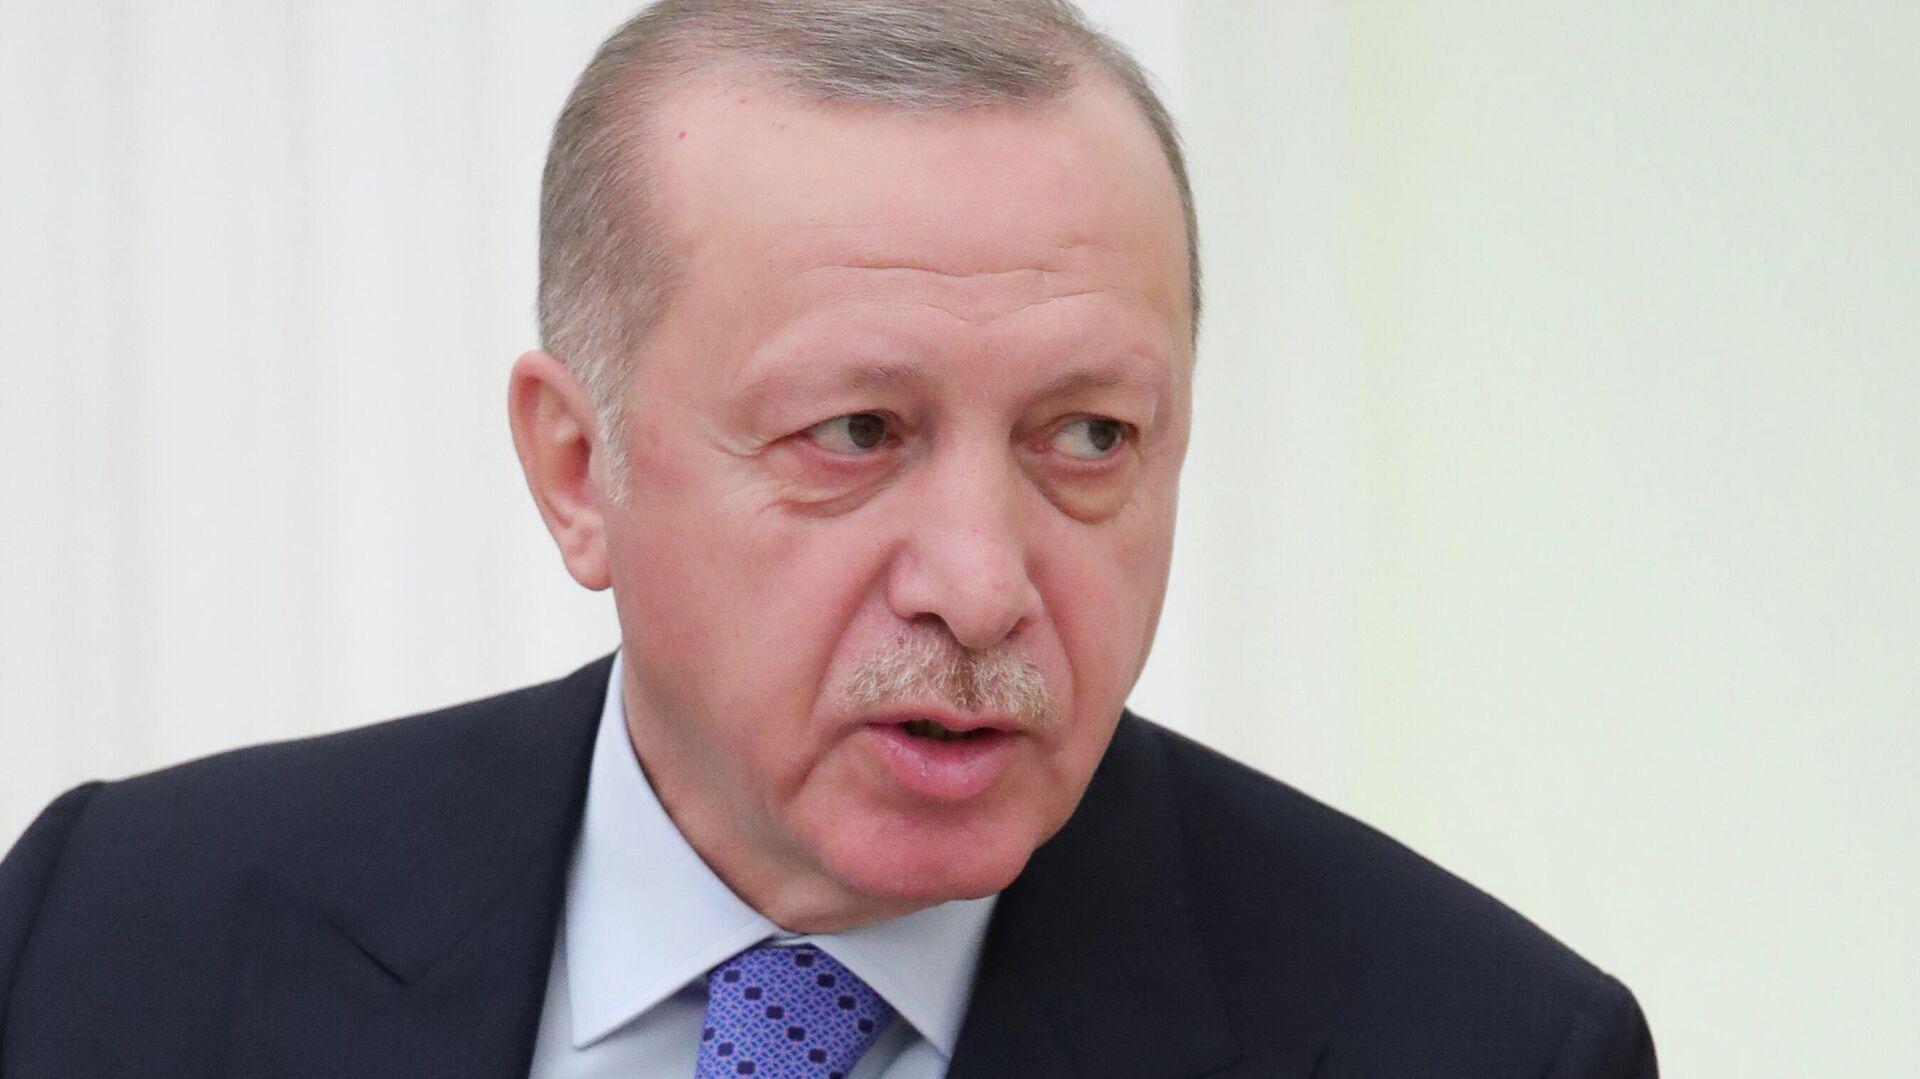 Президент Турции Реджеп Тайип Эрдоган во время встречи с президентом РФ Владимиром Путиным - РИА Новости, 1920, 07.09.2021